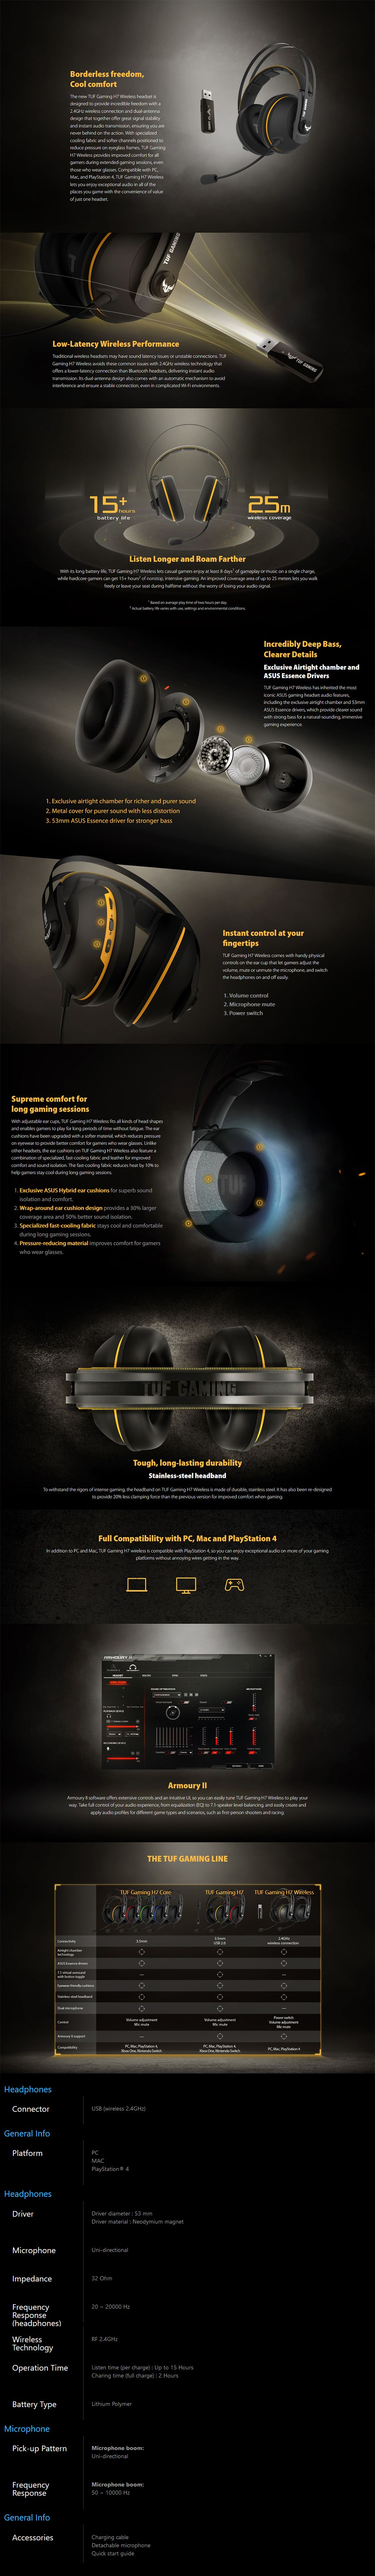 asus-tuf-gaming-h7-wireless-gaming-headset-yellow-ac27065.jpg